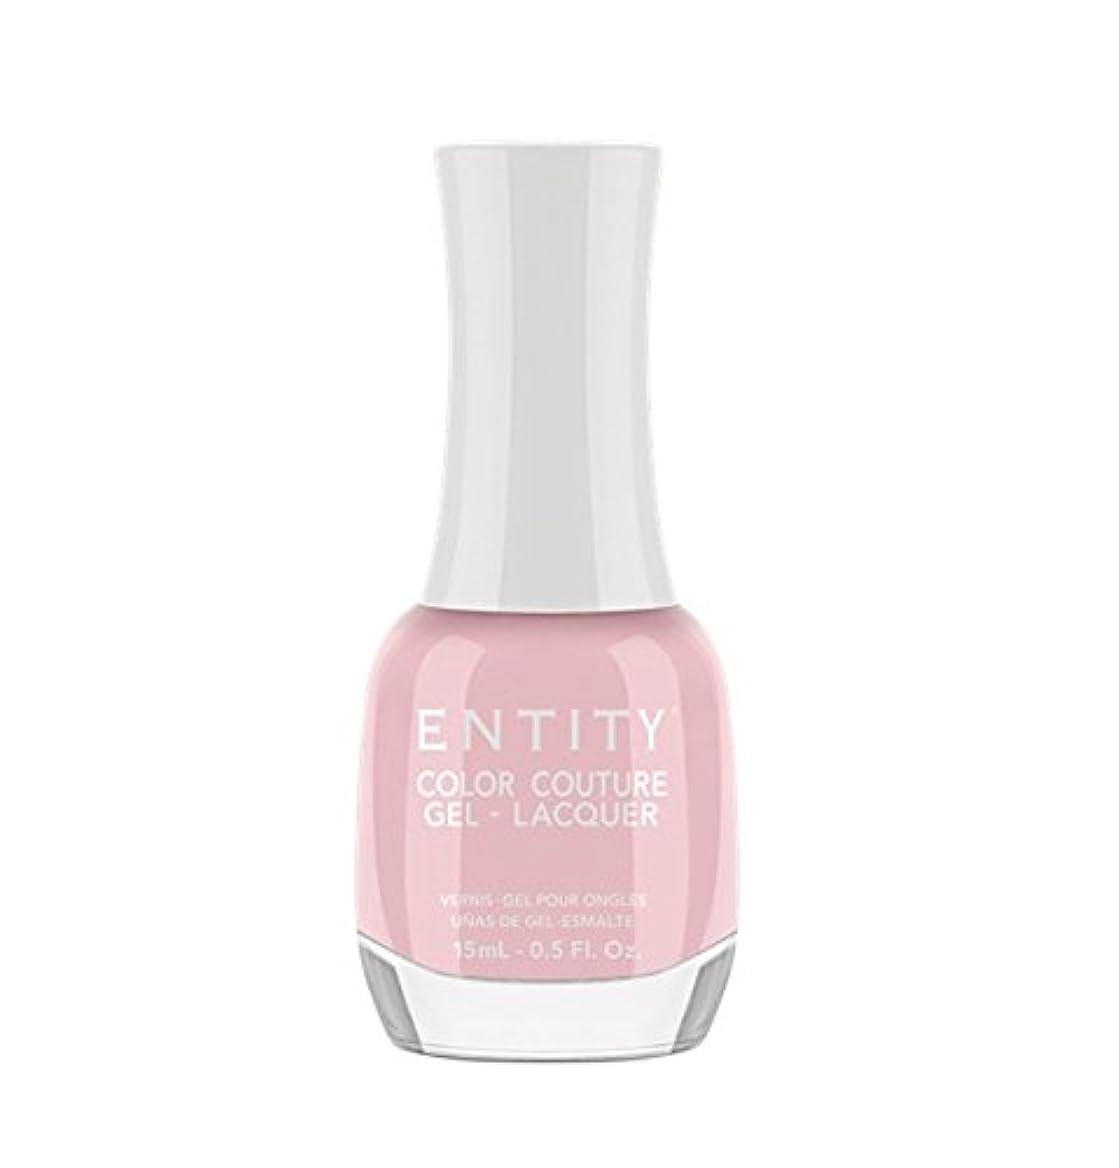 ボリュームロゴソースEntity Color Couture Gel-Lacquer - Boho Chic - 15 ml/0.5 oz